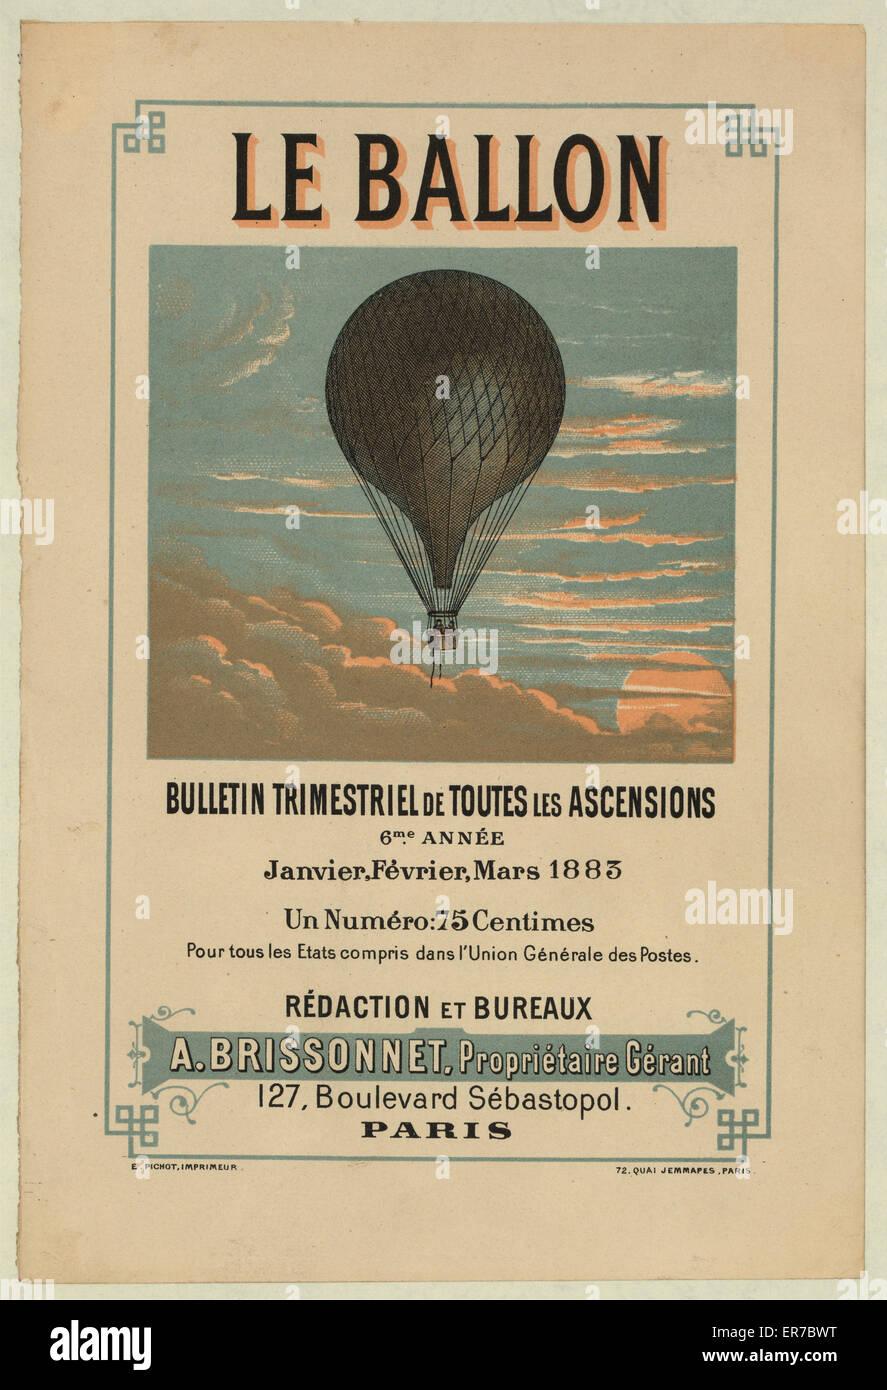 Le ballon bulletin trimestriel de toutes les ascensions, 6me annee, janvier, fevier, mars, 1883. Advertisement for - Stock Image